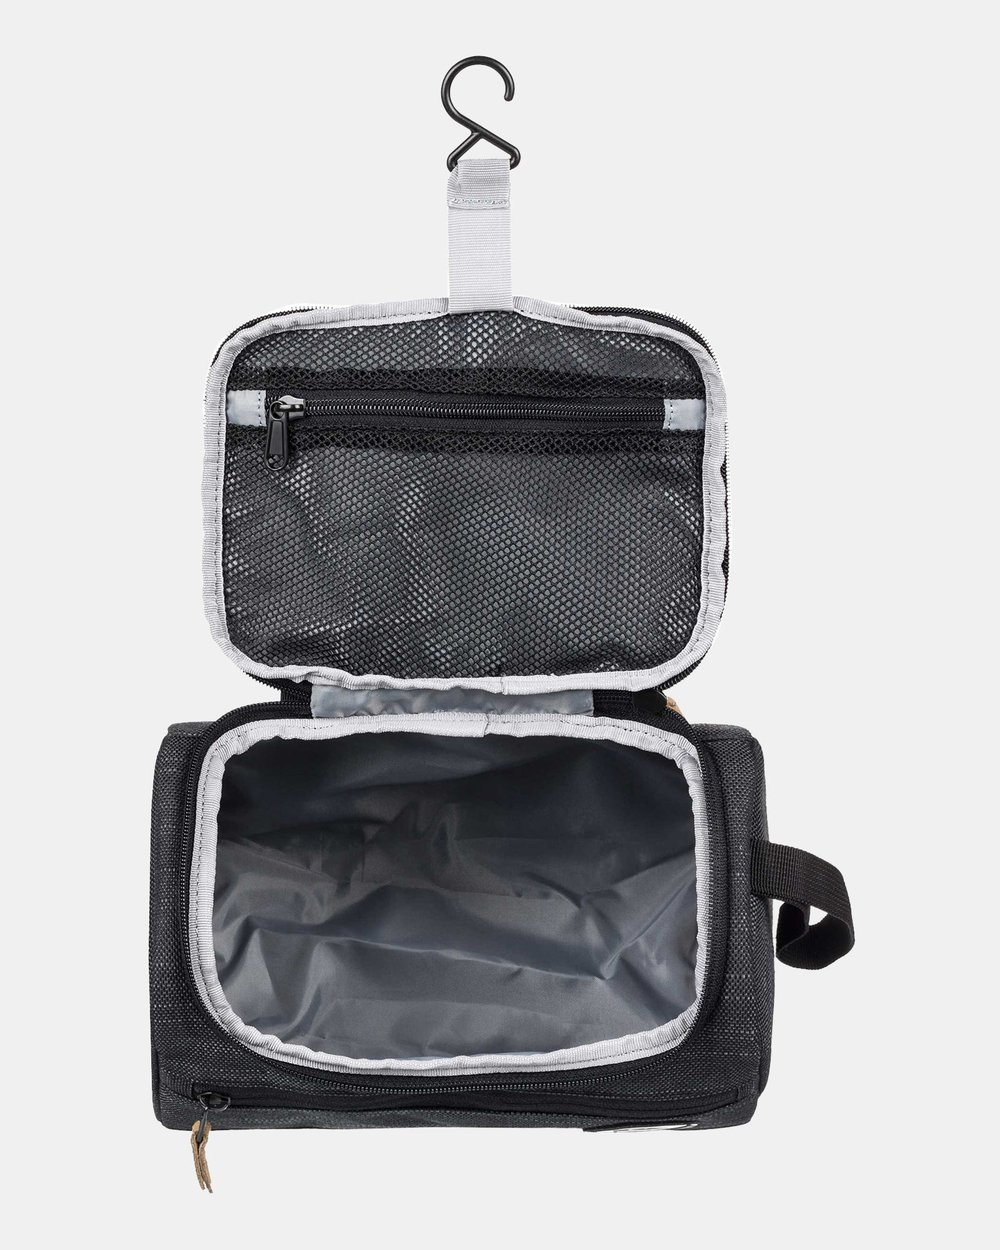 d59eef892de3 Capsule Toiletry Travel Bag by Quiksilver Online